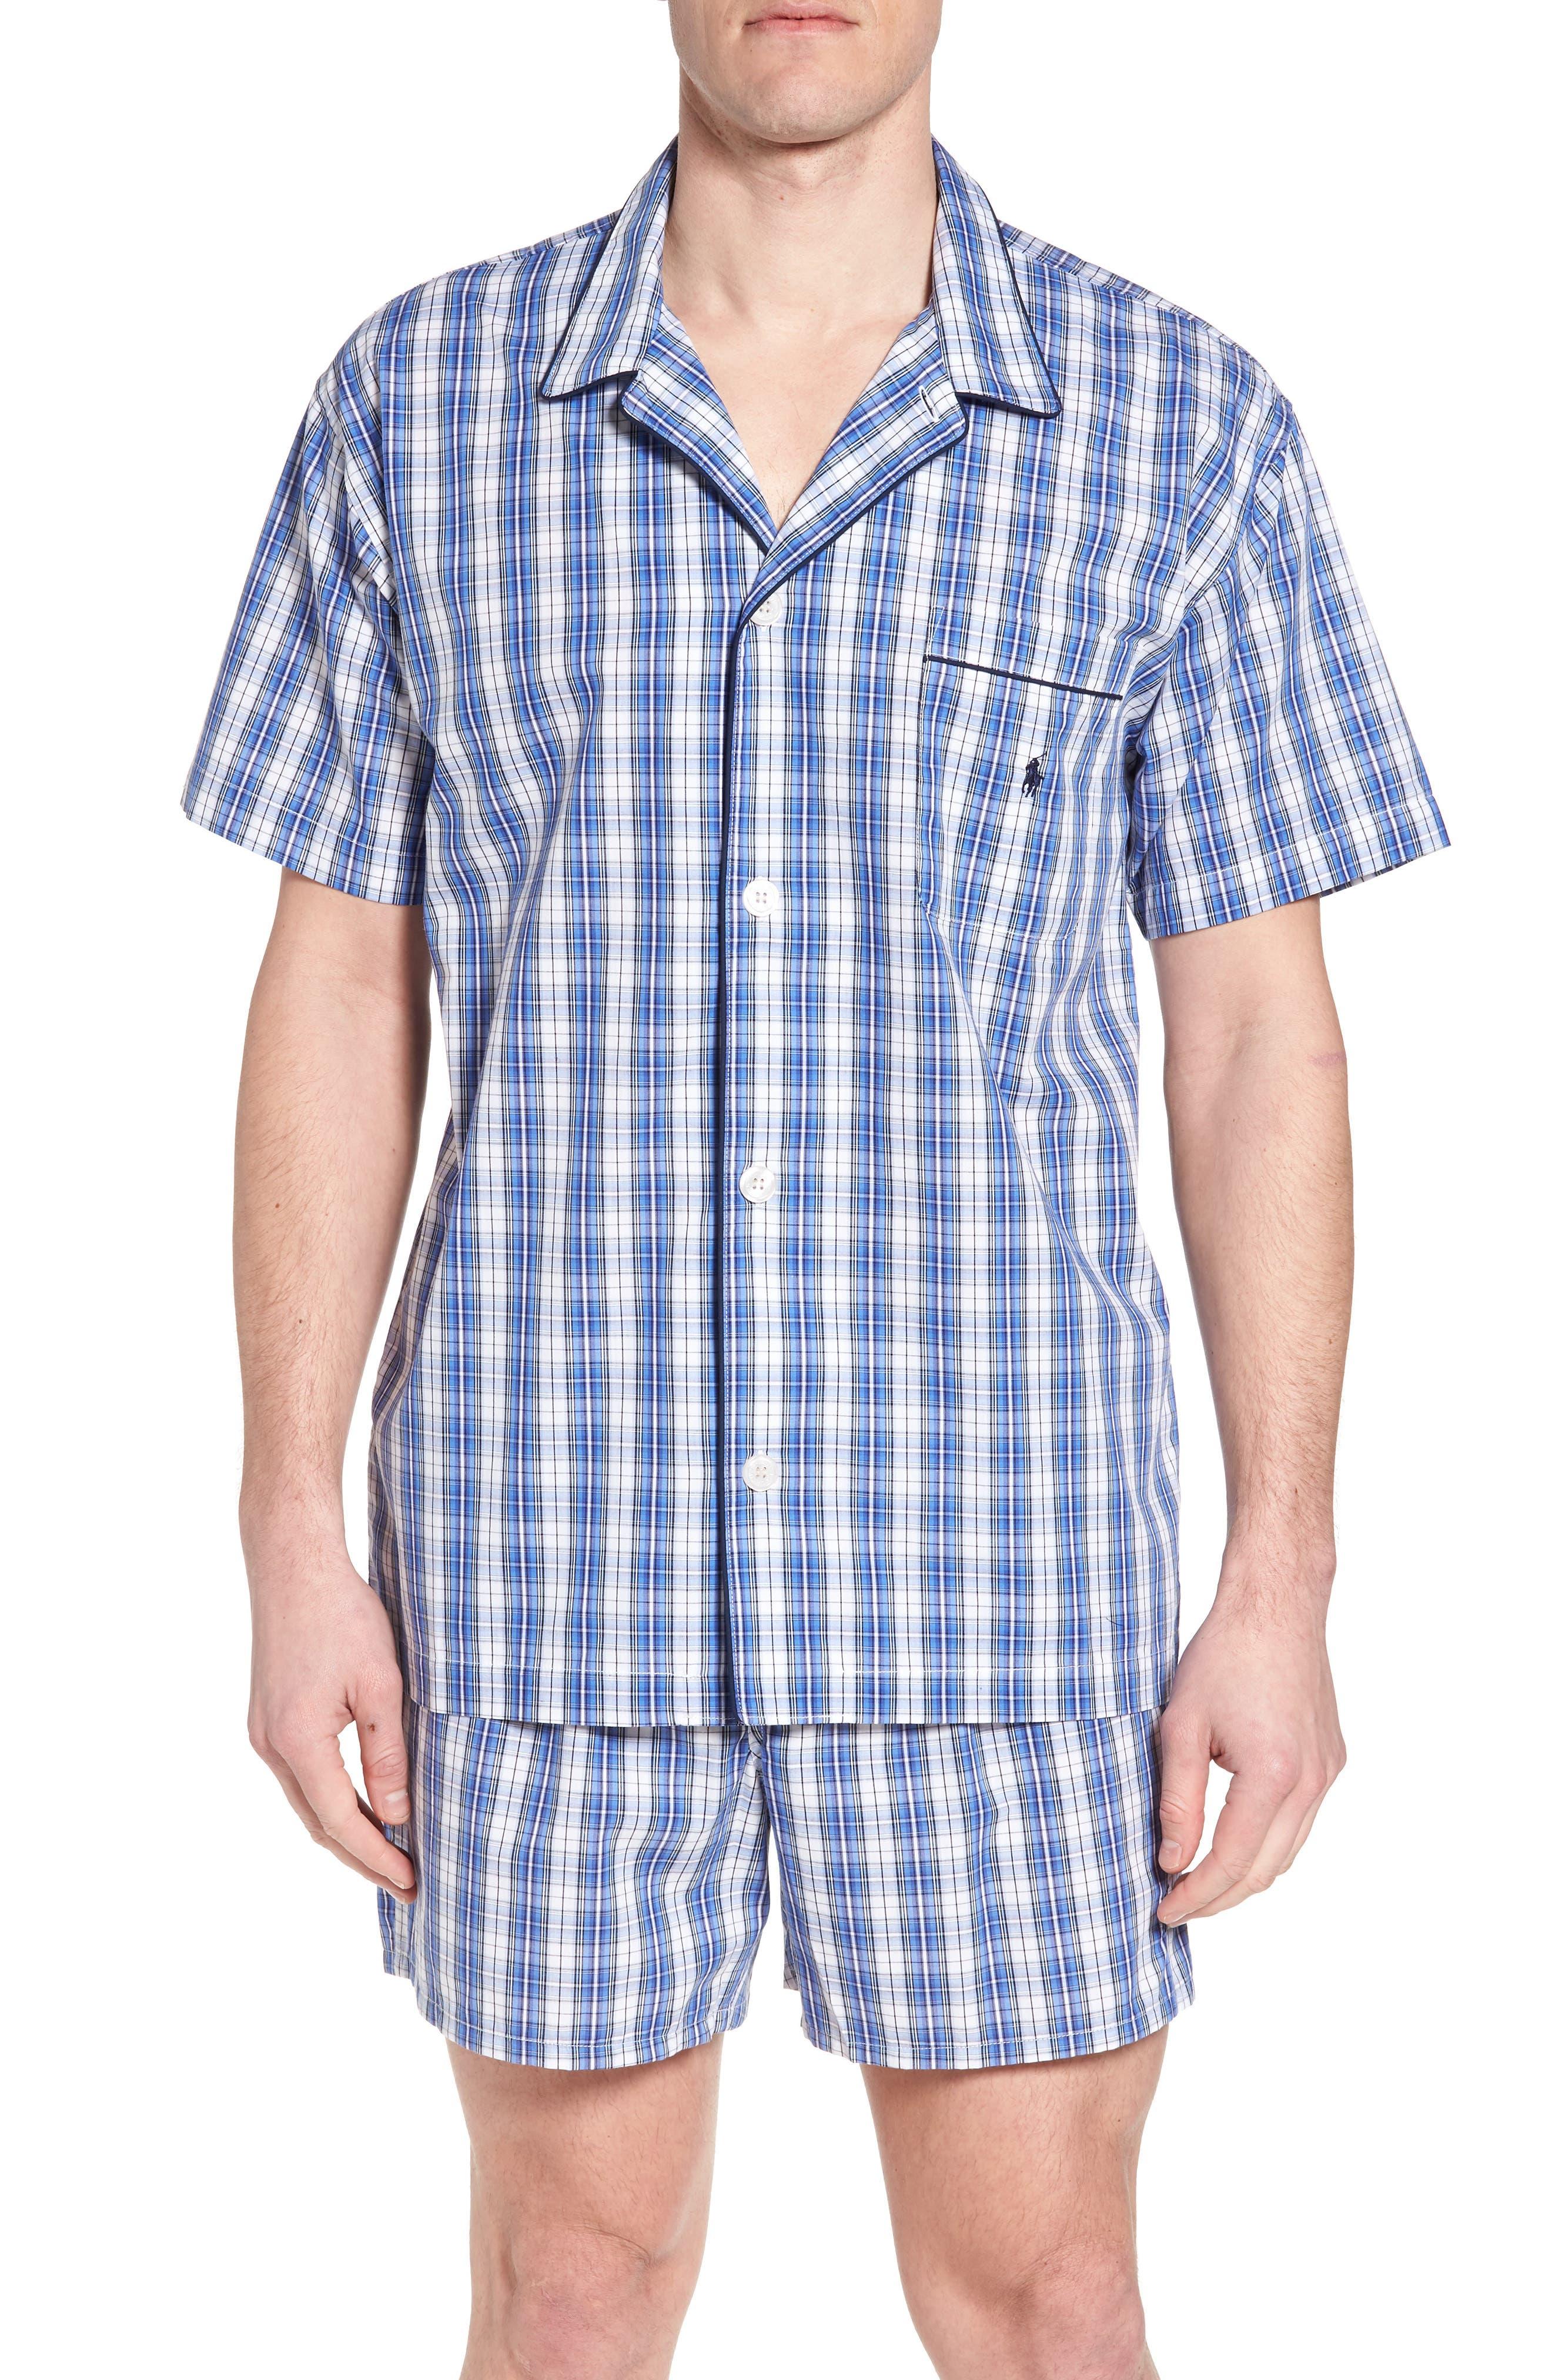 Cotton Pajama Shirt,                             Main thumbnail 1, color,                             428